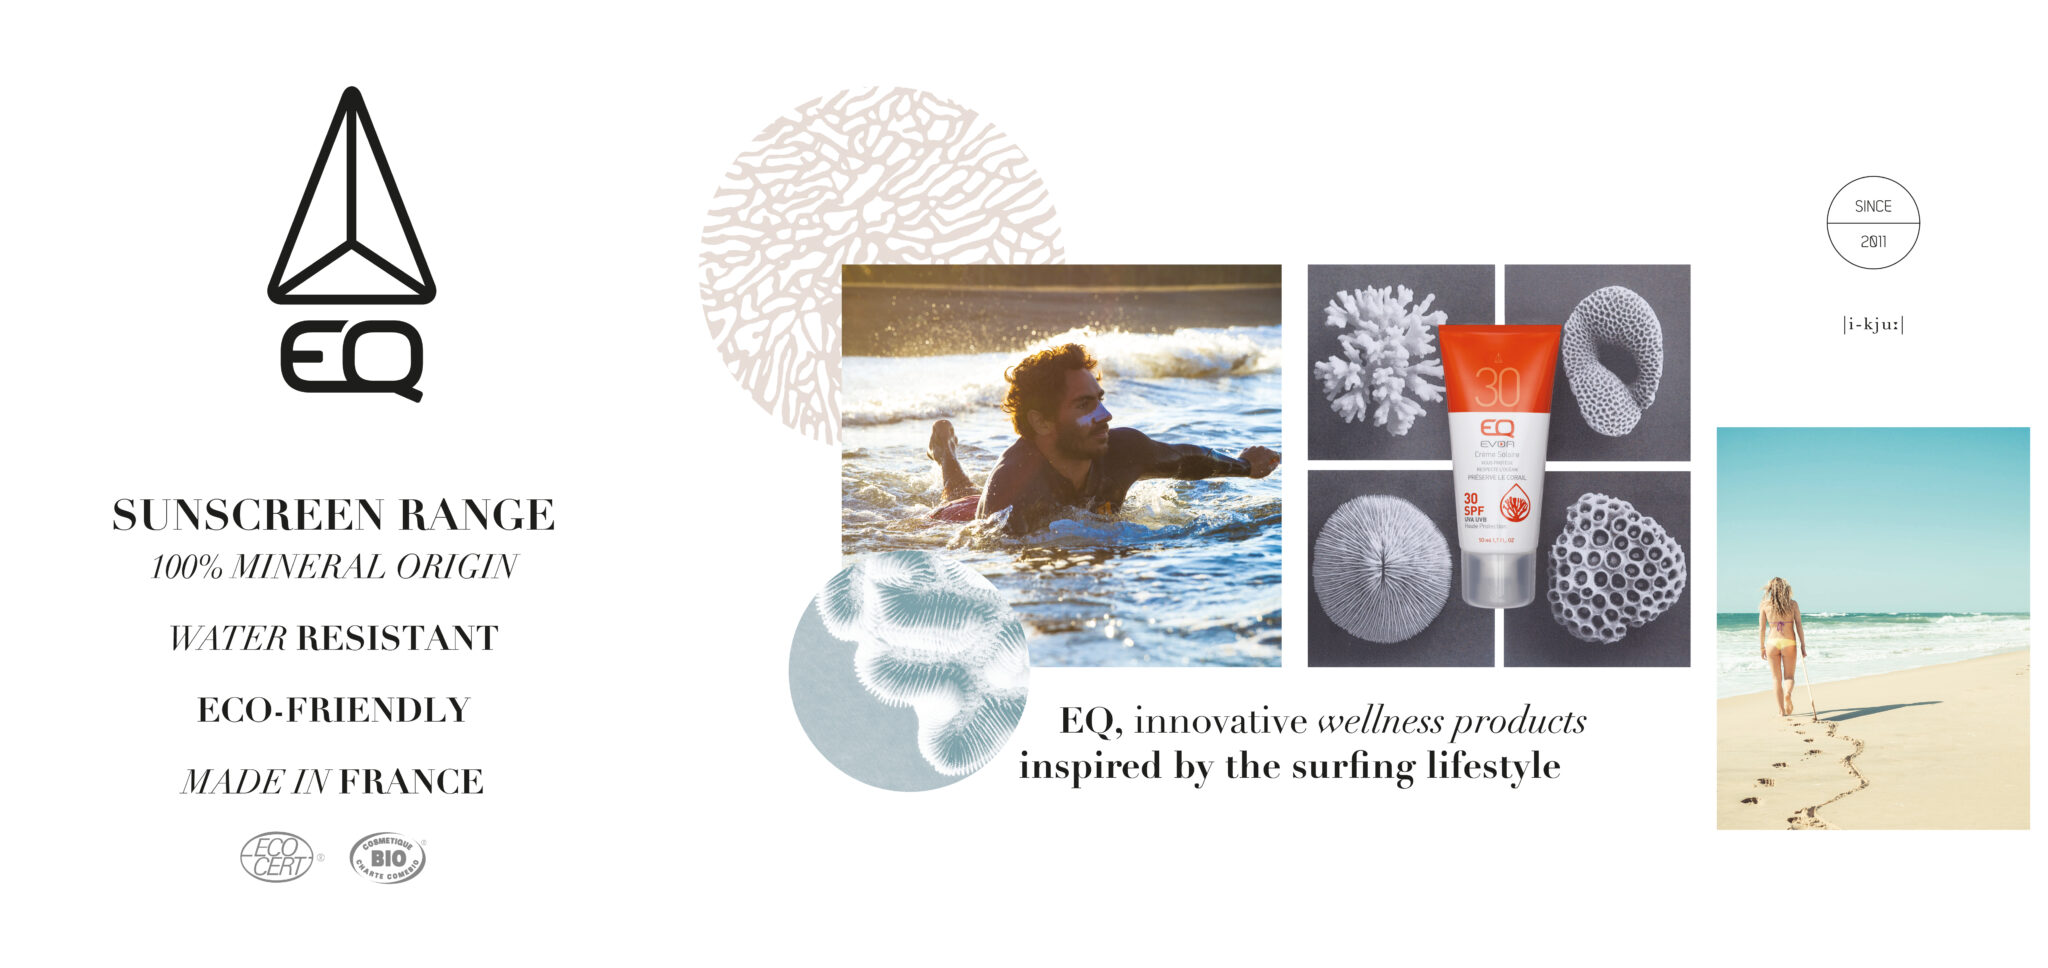 Mise en page d'un présentoirs servant à mettre en avant les valeurs de la marque EQ.